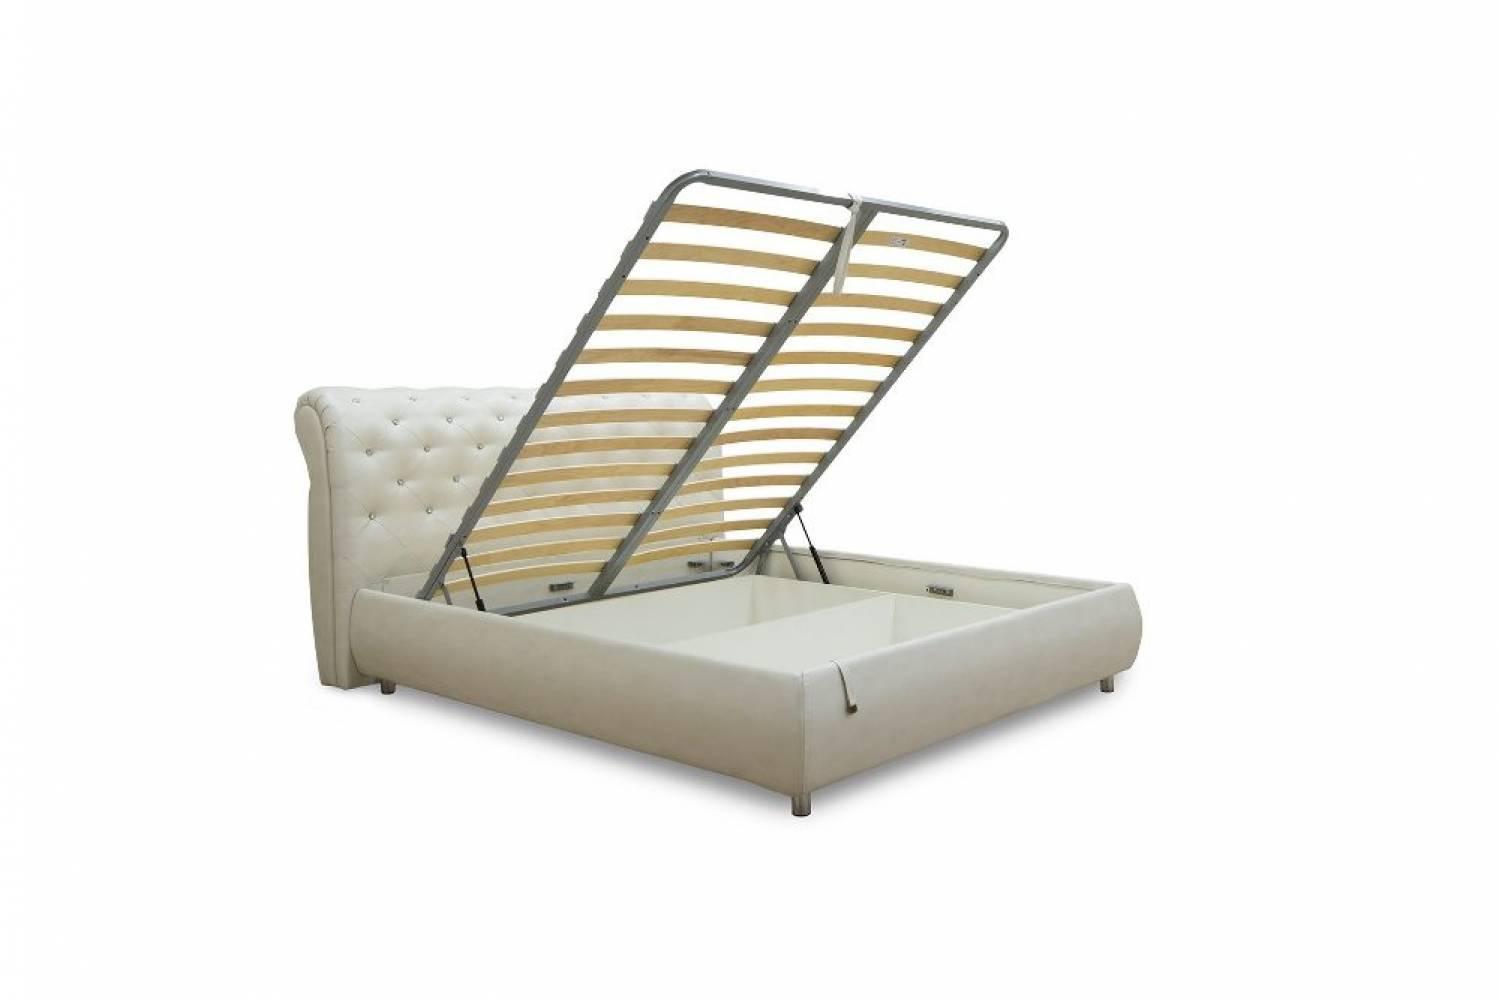 Кровать 1800 с подъемным механизмом ЭМИЛИ (Меркури милк)